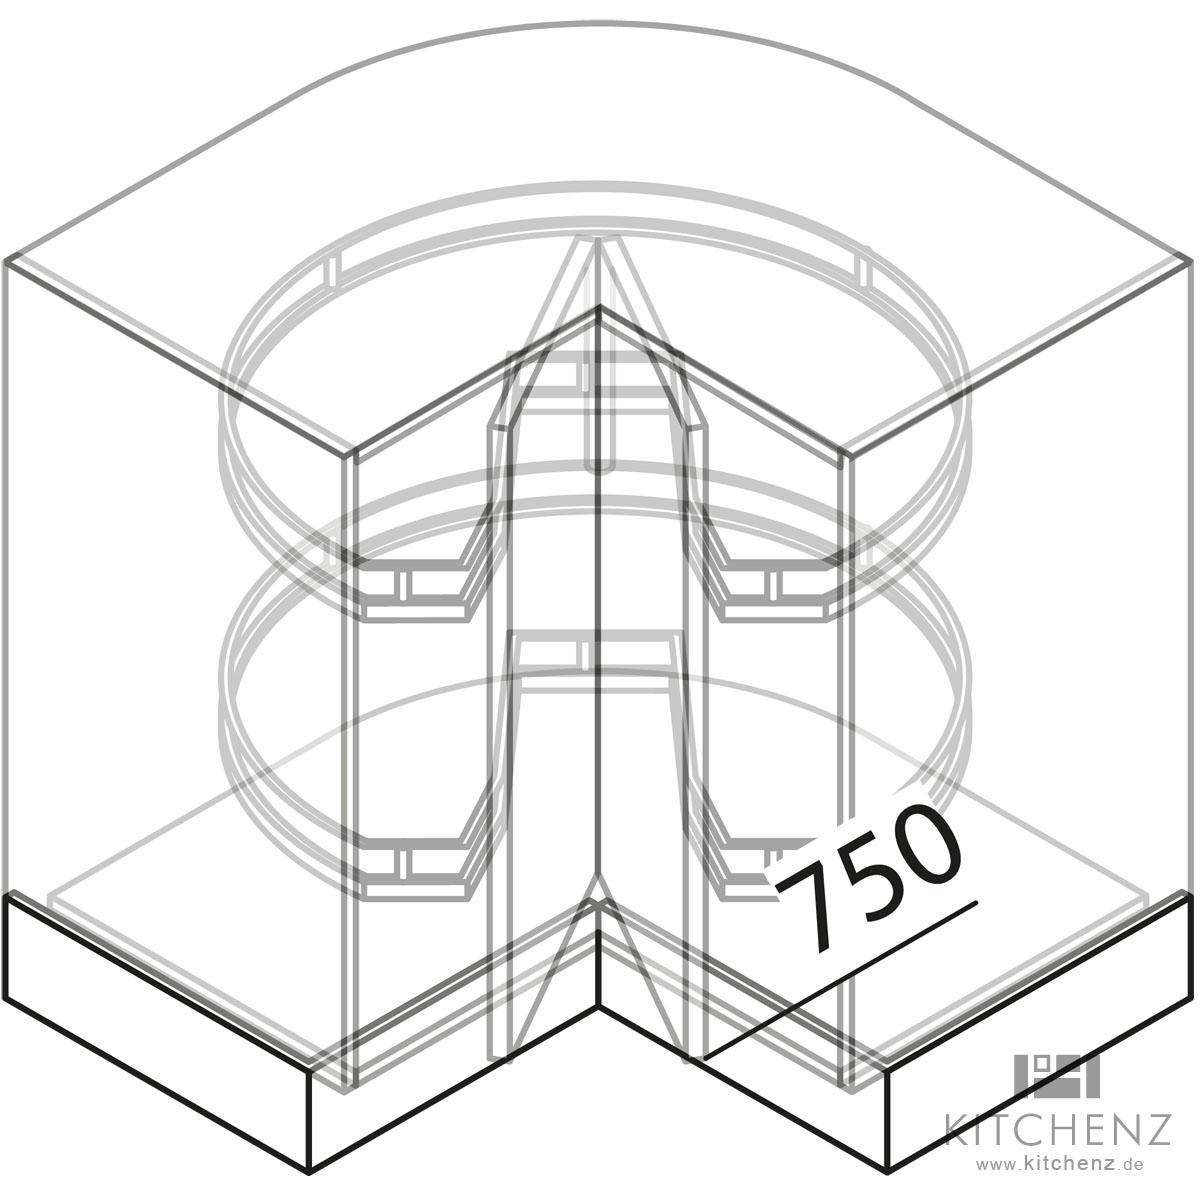 Full Size of Nolte Kchen Eckschrank Uek90 Gnstig Kaufen Wohnzimmer Küchenkarussell